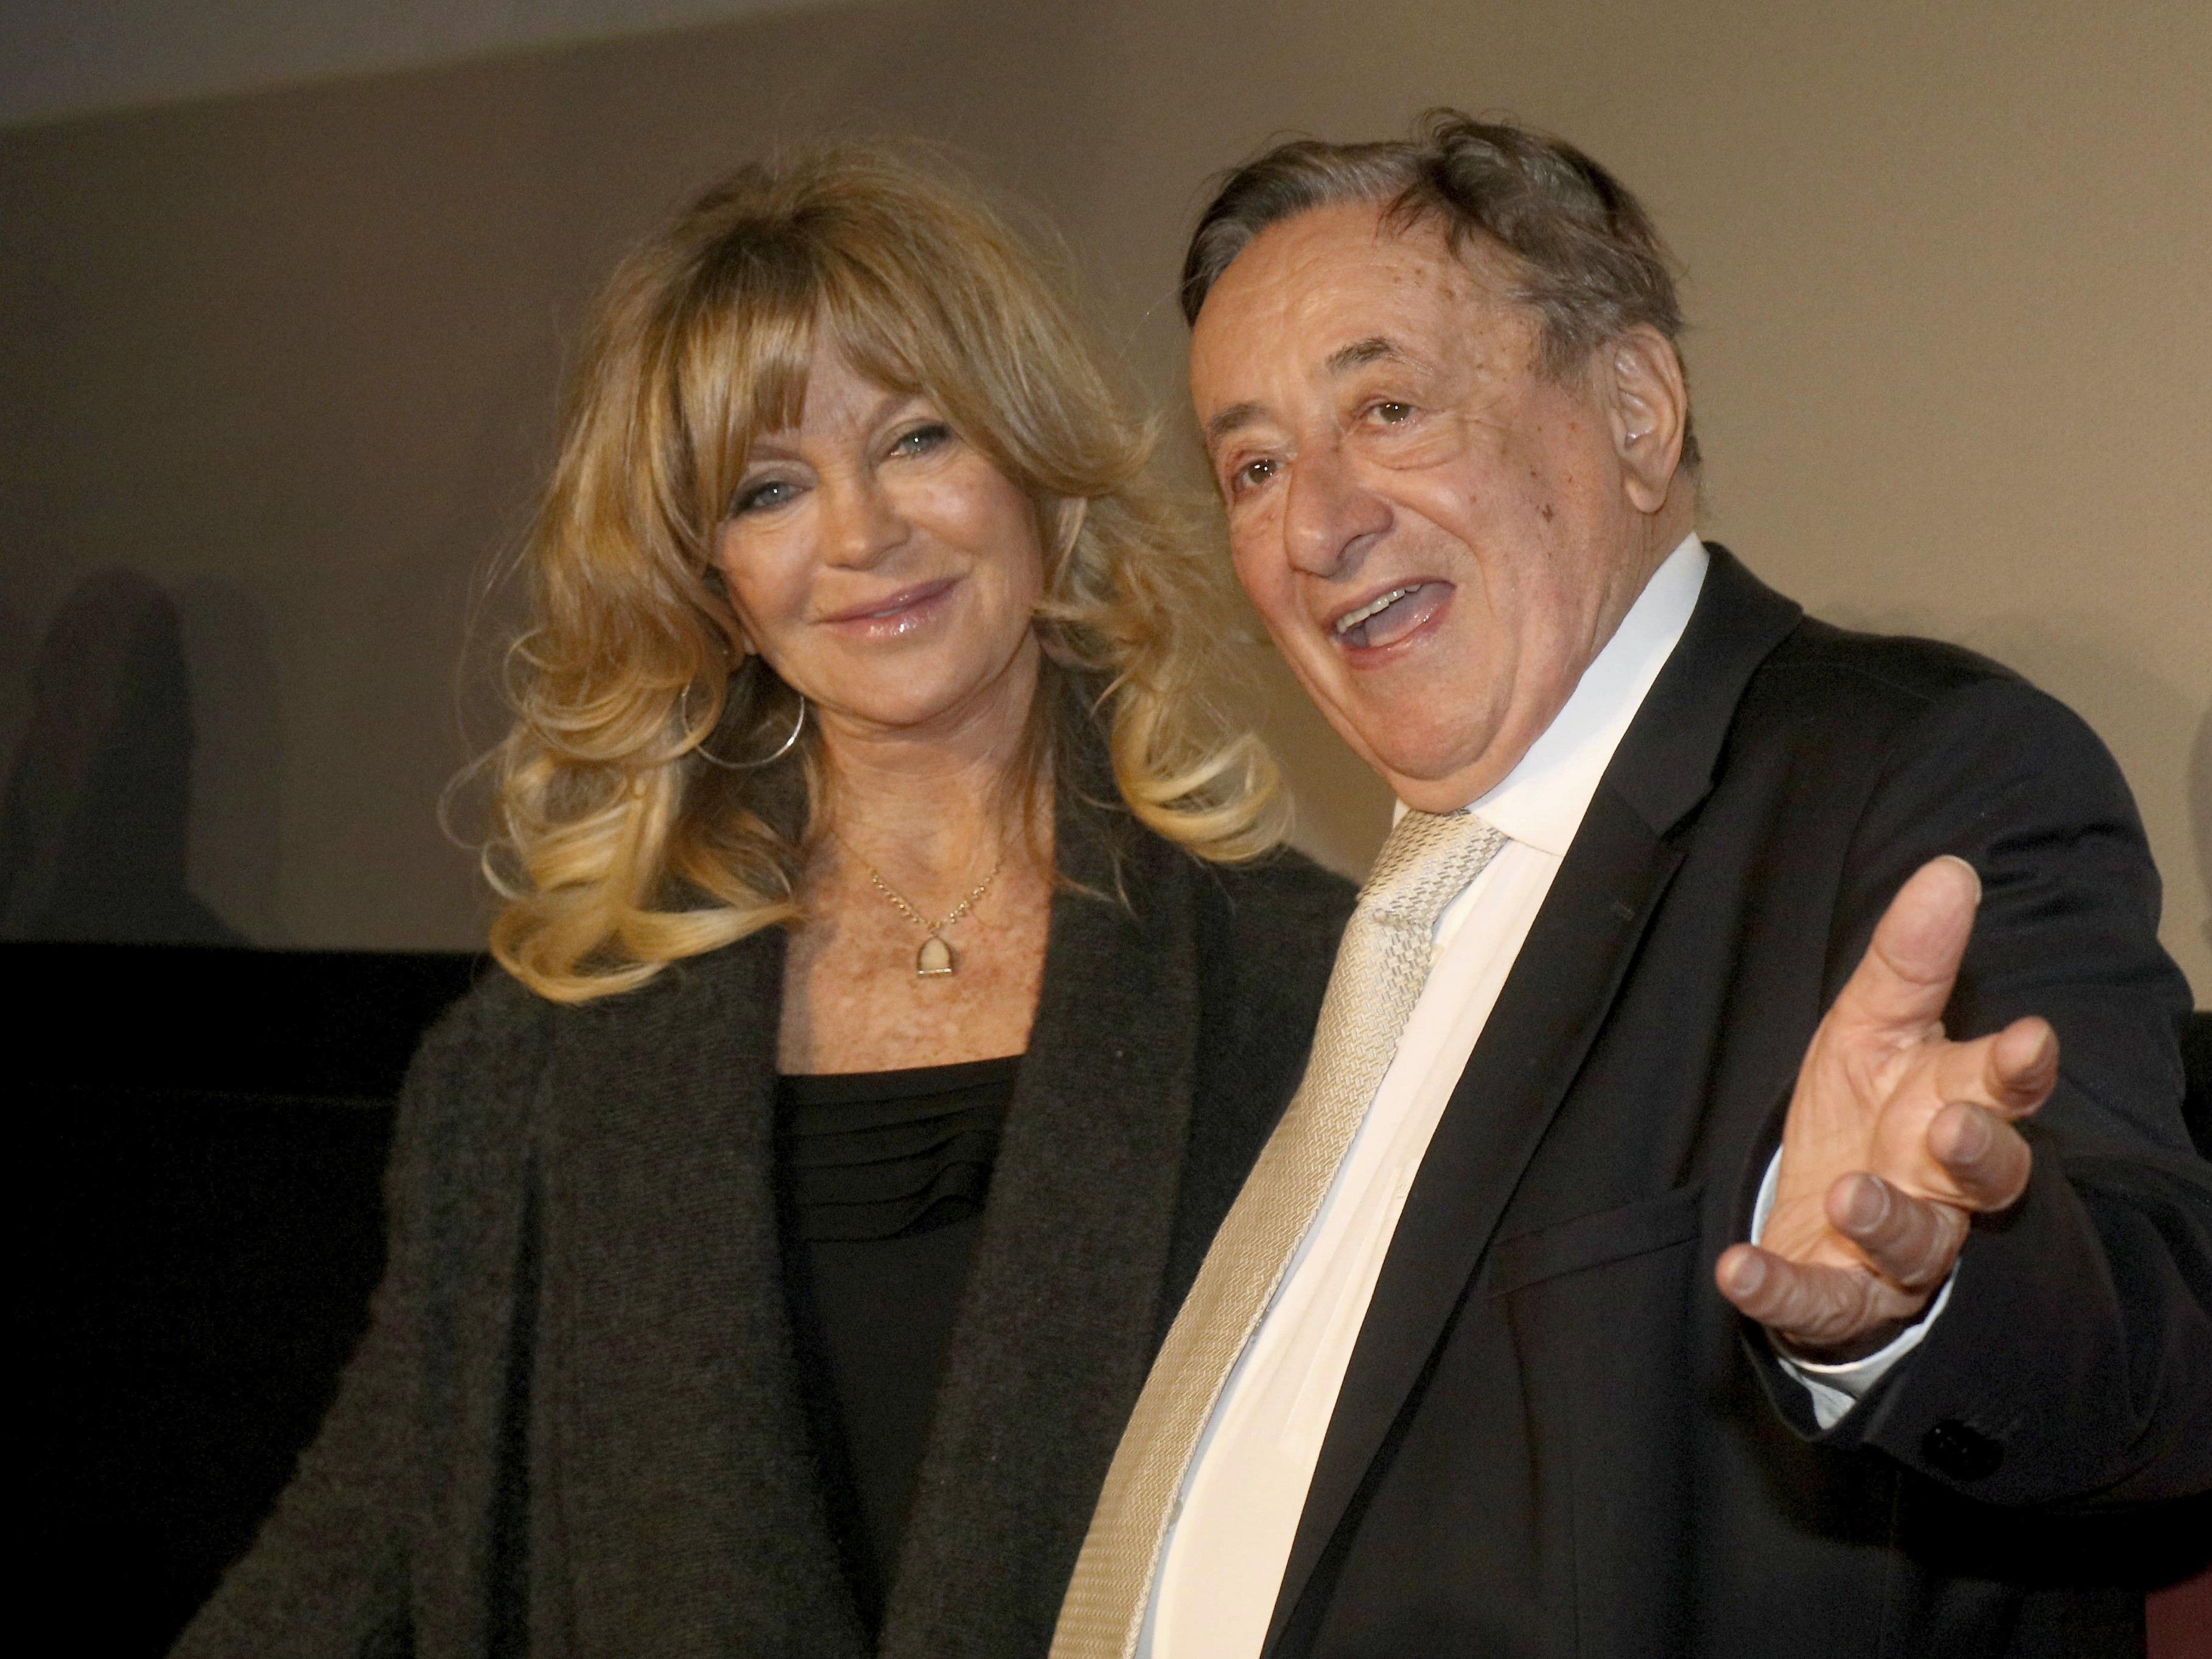 Richard Lugner, hier beim Opernball mit Stargast Goldie Hawn, ist frisch verliebt.